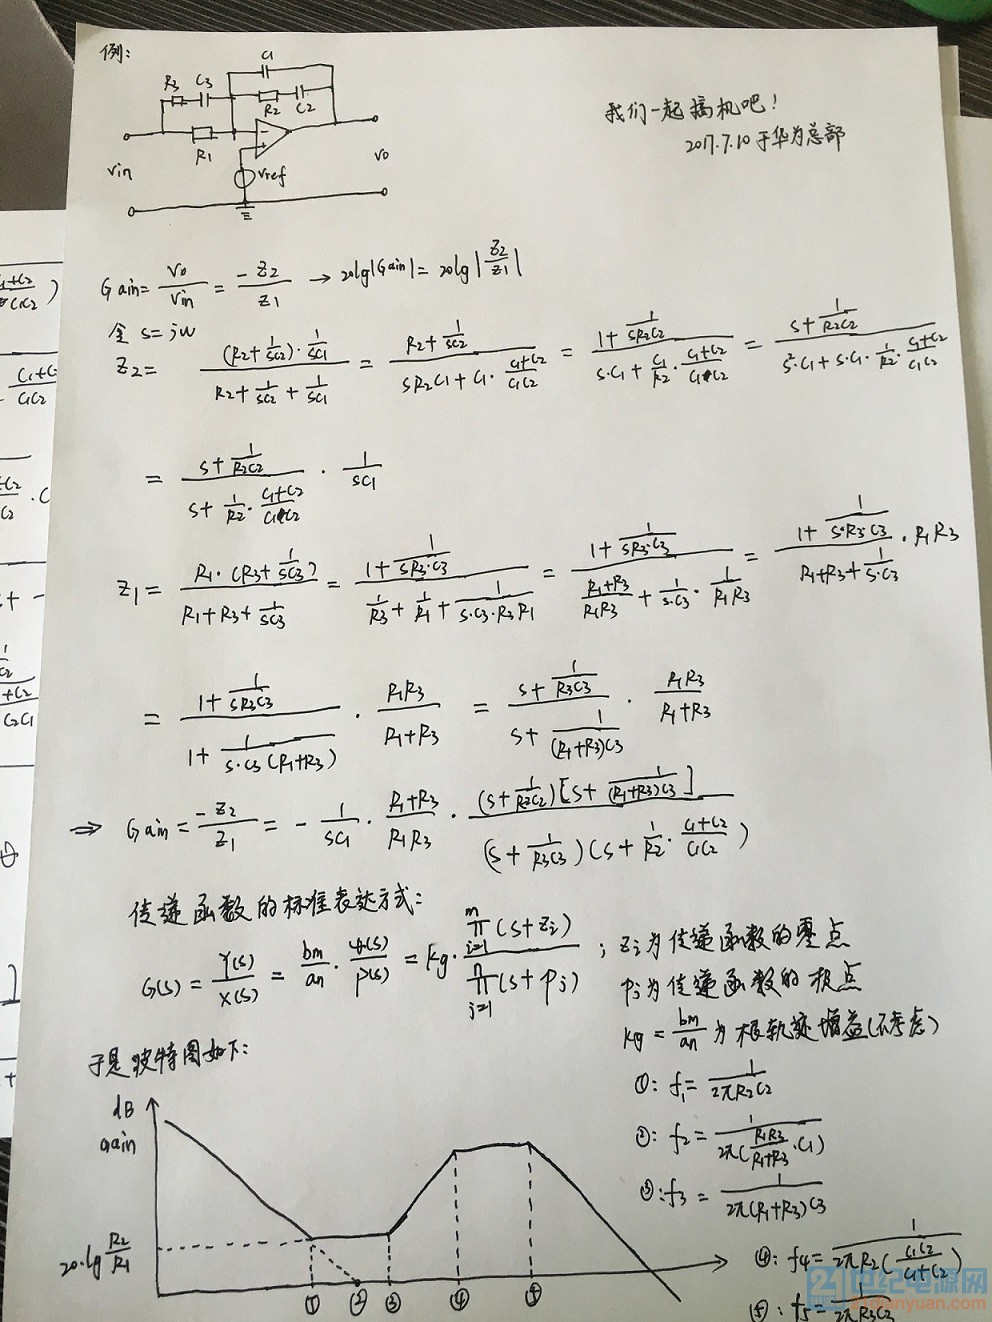 三型补偿网络,传递函数推导